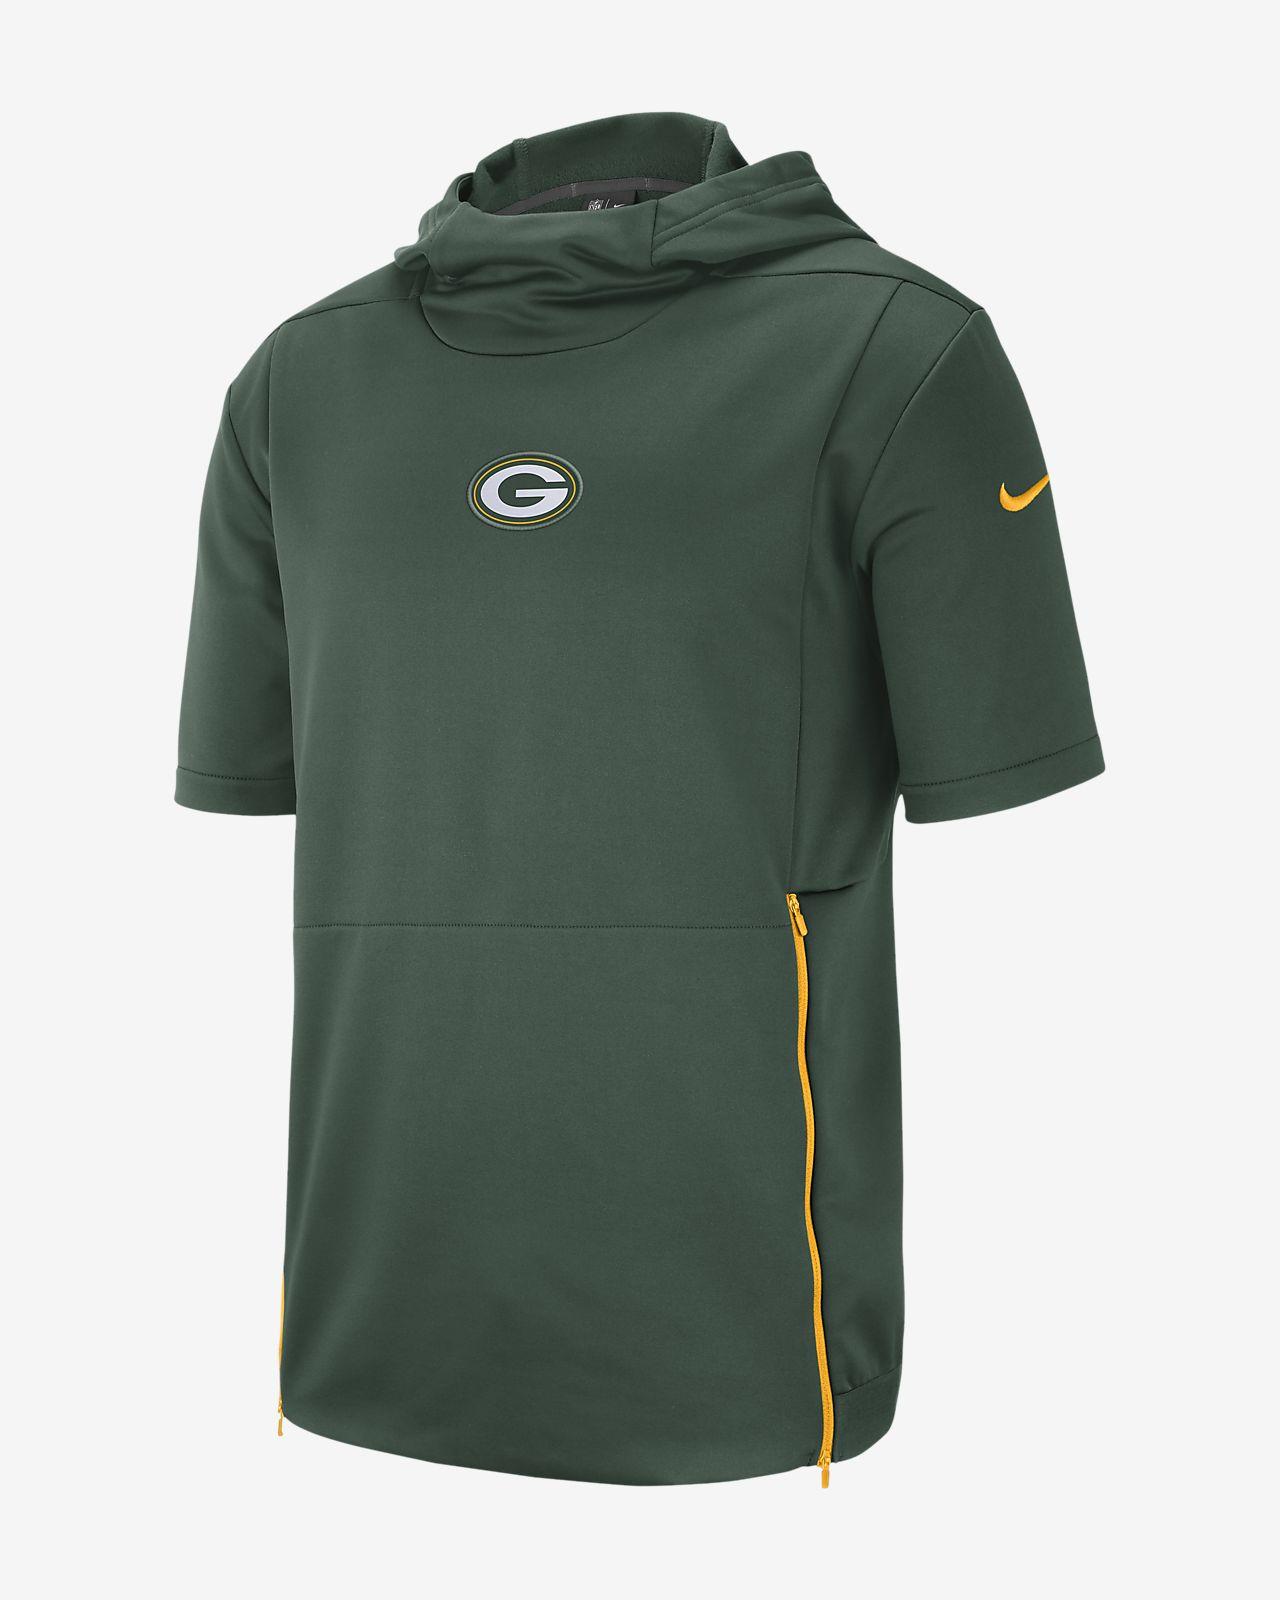 Nike Dri-FIT Therma (NFL Packers)-overdel med hætte og korte ærmer til mænd